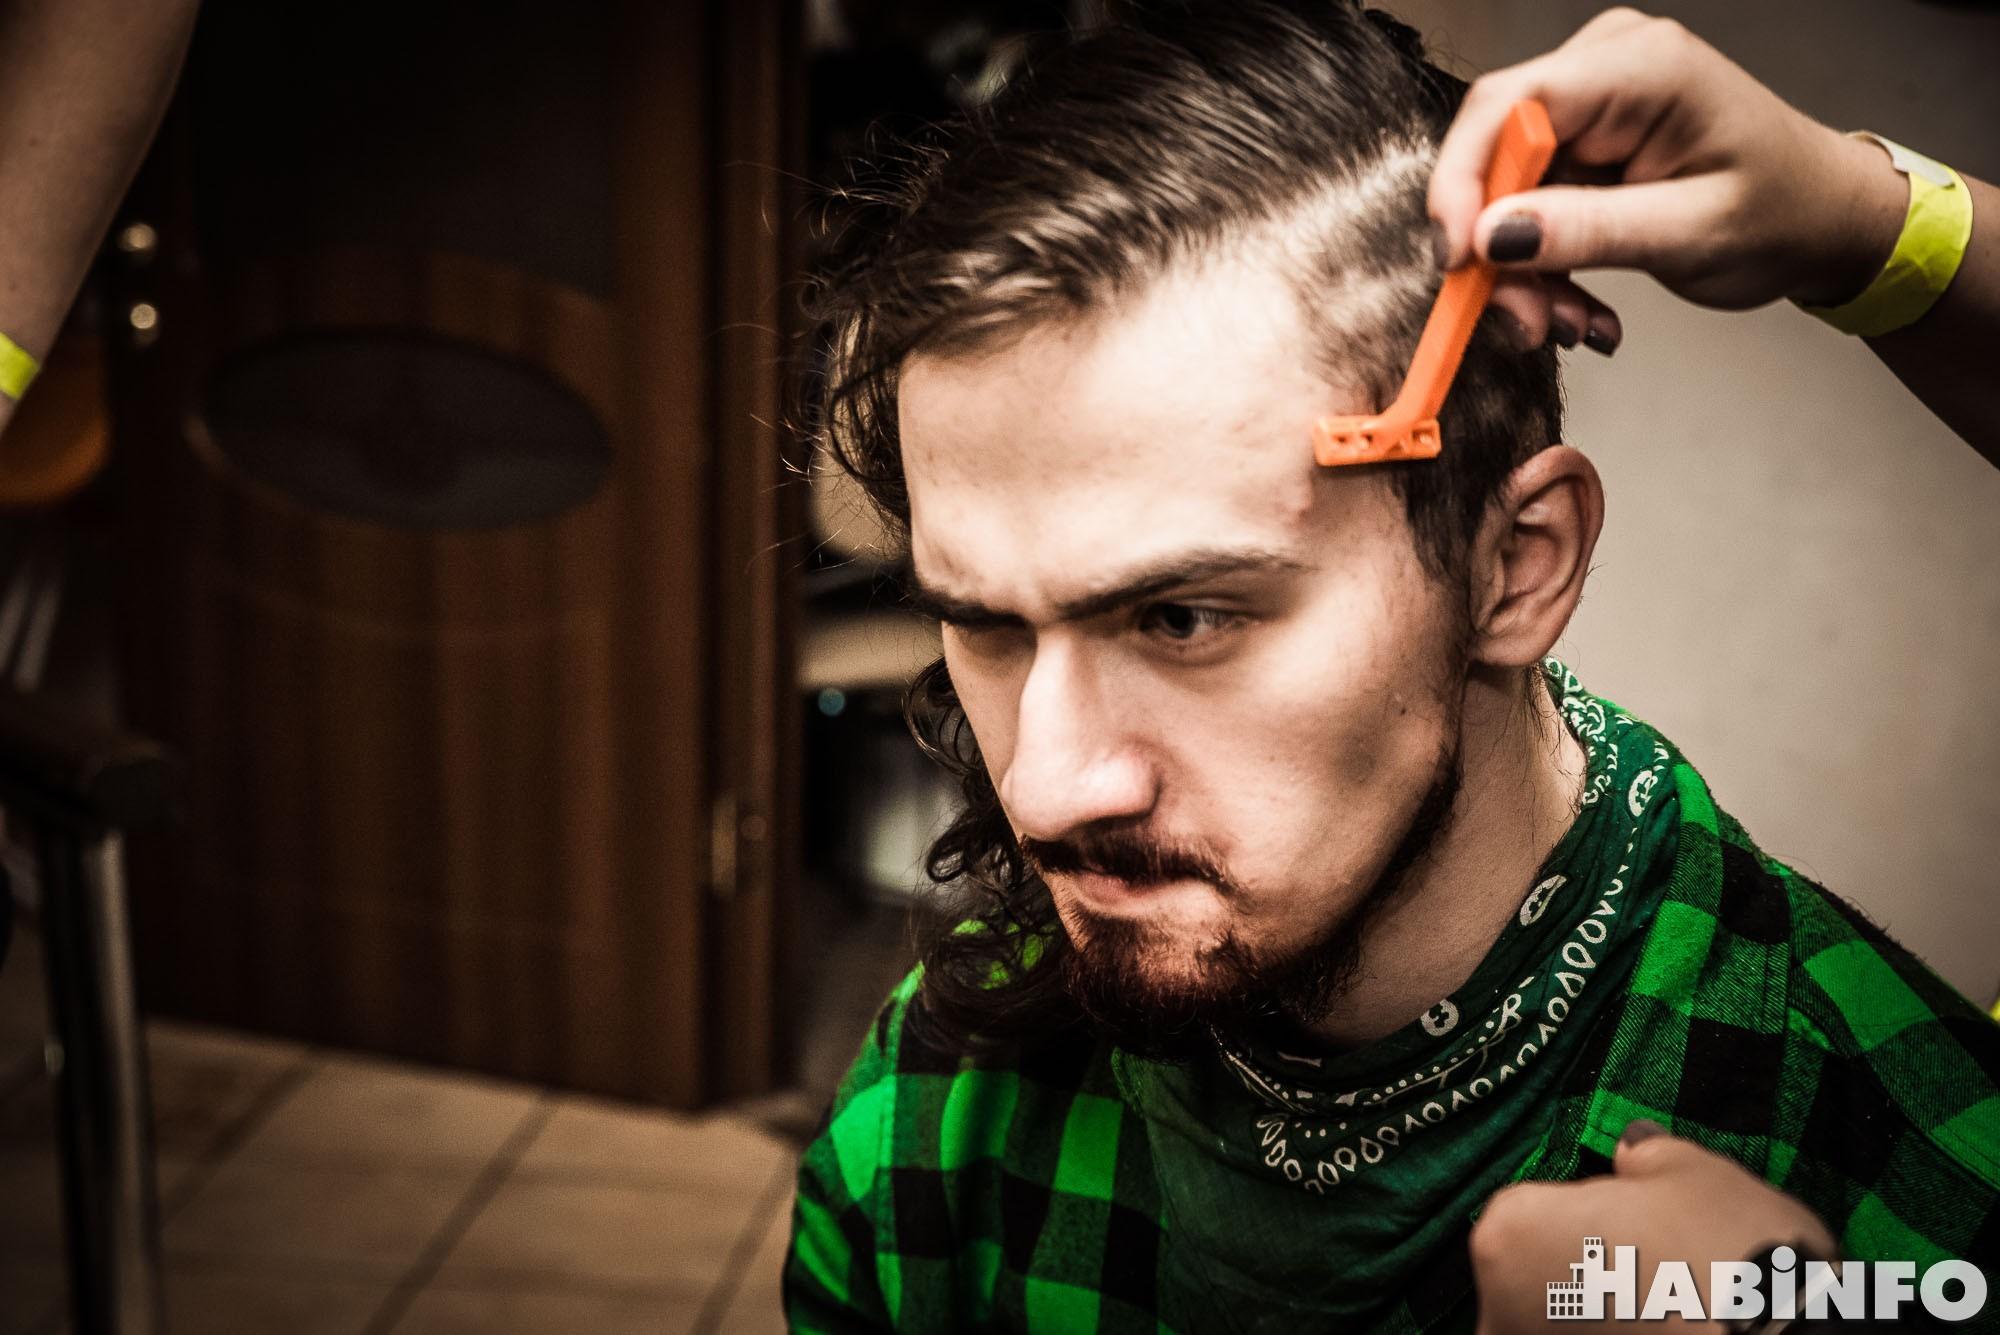 Рейв, хип-хоп и рок-н-ролл: фестиваль слияния трех культур прошел в Хабаровске